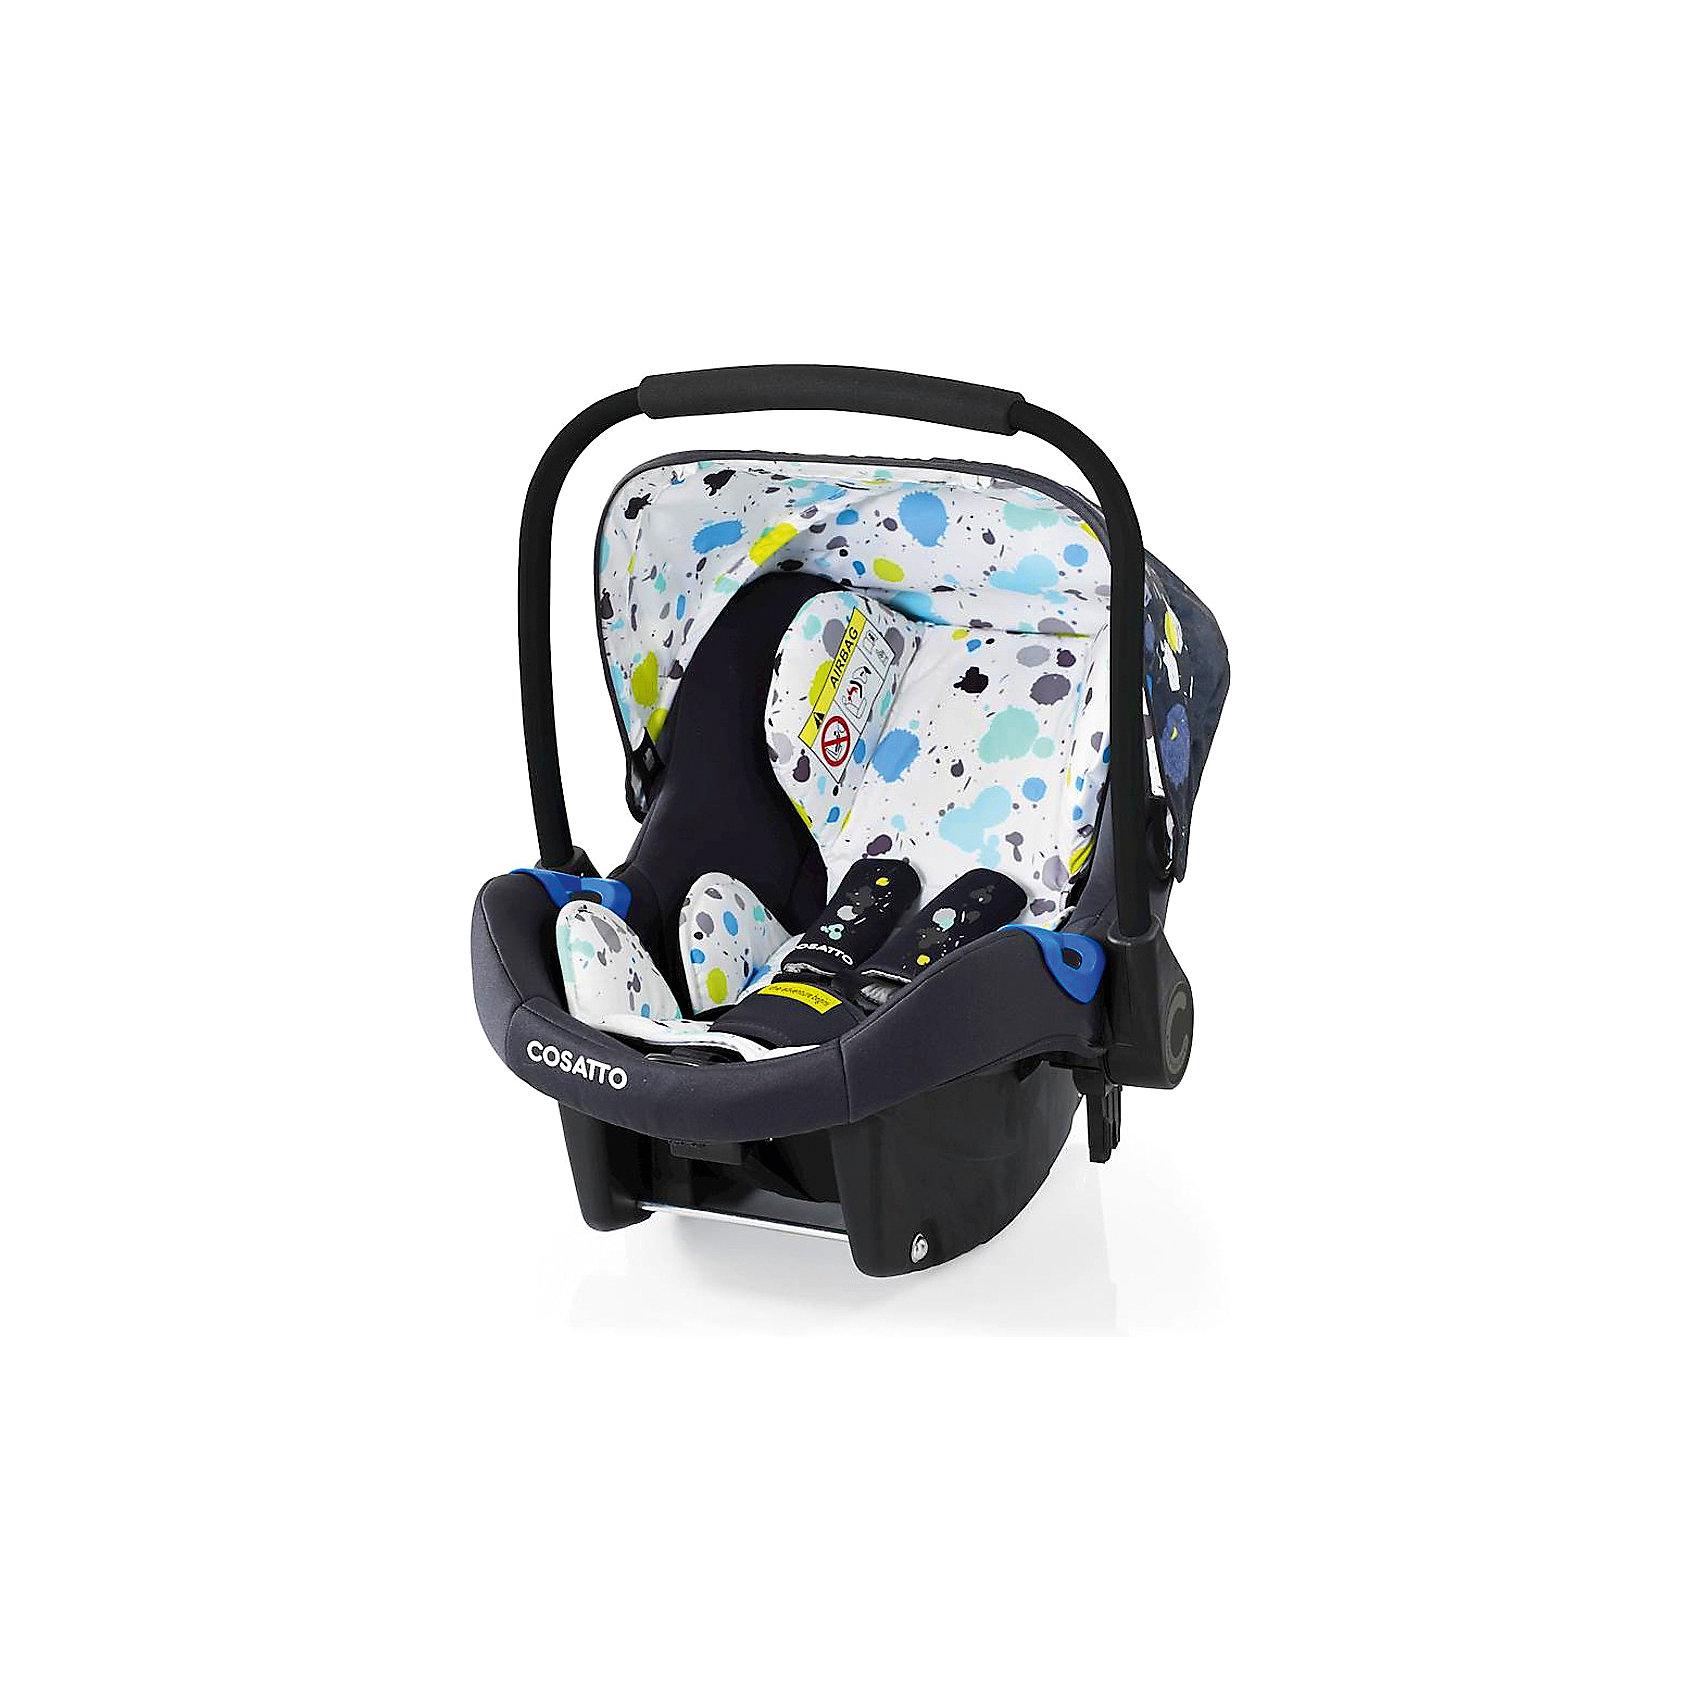 Автокресло Cosatto Port, 0-13 кг., BerlinГруппа 0+ (До 13 кг)<br>Характеристики:<br><br>• группа: 0+;<br>• вес ребенка: до 13 кг;<br>• возраст: от рождения до 18 месяцев;<br>• соответствует нормам безопасности  ECE R44/04;<br>• установка: против хода движения автомобиля;<br>• может крепиться штатным автомобильным ремнем или устанавливаться на одну из баз Cosatto (Isofix и для 3-точечного ремня);<br>• совместимо с шасси колясок Cosatto Ooba, Fly, Wish, Wow, Woop;<br>• можно использовать как переноску или люльку;<br>• 3-точечные внутренние ремни имеют 2 положения;<br>• плечевые и нагрудные подушечки;<br>• анатомический вкладыш;<br>• специальная подушка для головы;<br>• усиленная боковая защита;<br>• ударопрочный пластик;<br>• солнцезащитный съемный козырек из ткани;<br>• ручка для переноски;<br>• сзади расположен бардачок;<br>• гипоаллергенный материал обивки;<br>• съемный чехол можно стирать при температуре 30 градусов;<br>• материал: пластик, полиэстер.<br><br>Габариты автокресла: 70х60х44 см.<br>Вес автокресла: 3 кг.<br><br>Автокресло разработано для безопасной перевозки малышей в салоне автомобиля. Представленную модель можно использовать не только как авто-люльку, а и устанавливать на шасси коляски, что очень удобно на прогулке за городом. Продуманная до мелочей система безопасности максимально защищает малыша во время движения. Автокресло устанавливается на сиденье и крепится при помощи штатного ремня безопасности автомобиля либо устанавливается на специальную базу (приобретается отдельно). <br><br>Автокресло Port 0-13 кг., Cosatto, Berlin можно купить в нашем интернет-магазине.<br><br>Ширина мм: 750<br>Глубина мм: 450<br>Высота мм: 390<br>Вес г: 6000<br>Возраст от месяцев: -2147483648<br>Возраст до месяцев: 2147483647<br>Пол: Унисекс<br>Возраст: Детский<br>SKU: 5629493